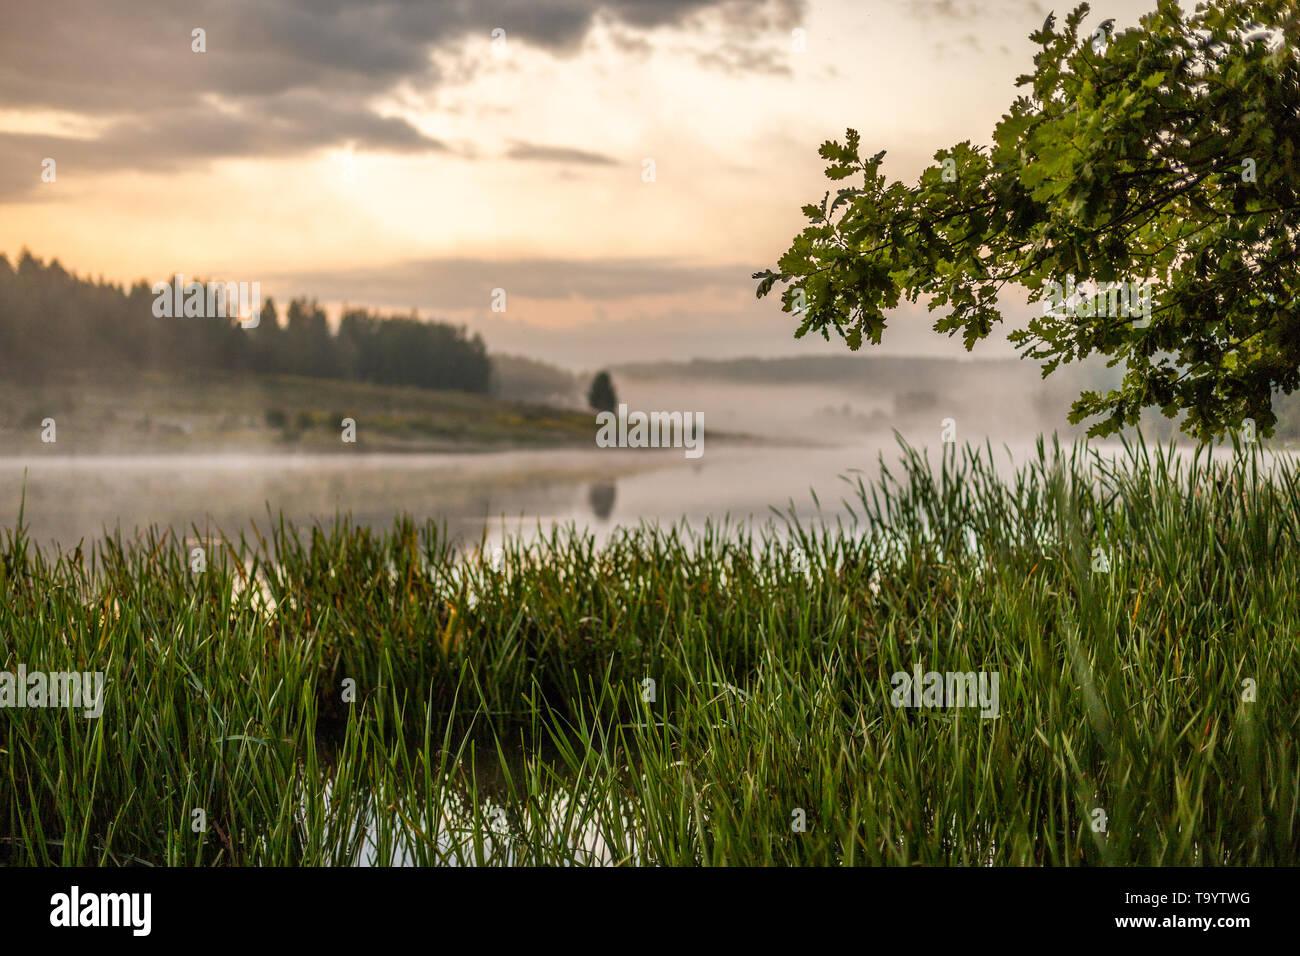 Morgen neblig Riverside view mit Eiche, reedmace Gras und selektiven Fokus mit einer geringen Tiefenschärfe in gedämpften Farben gamma. Stockbild